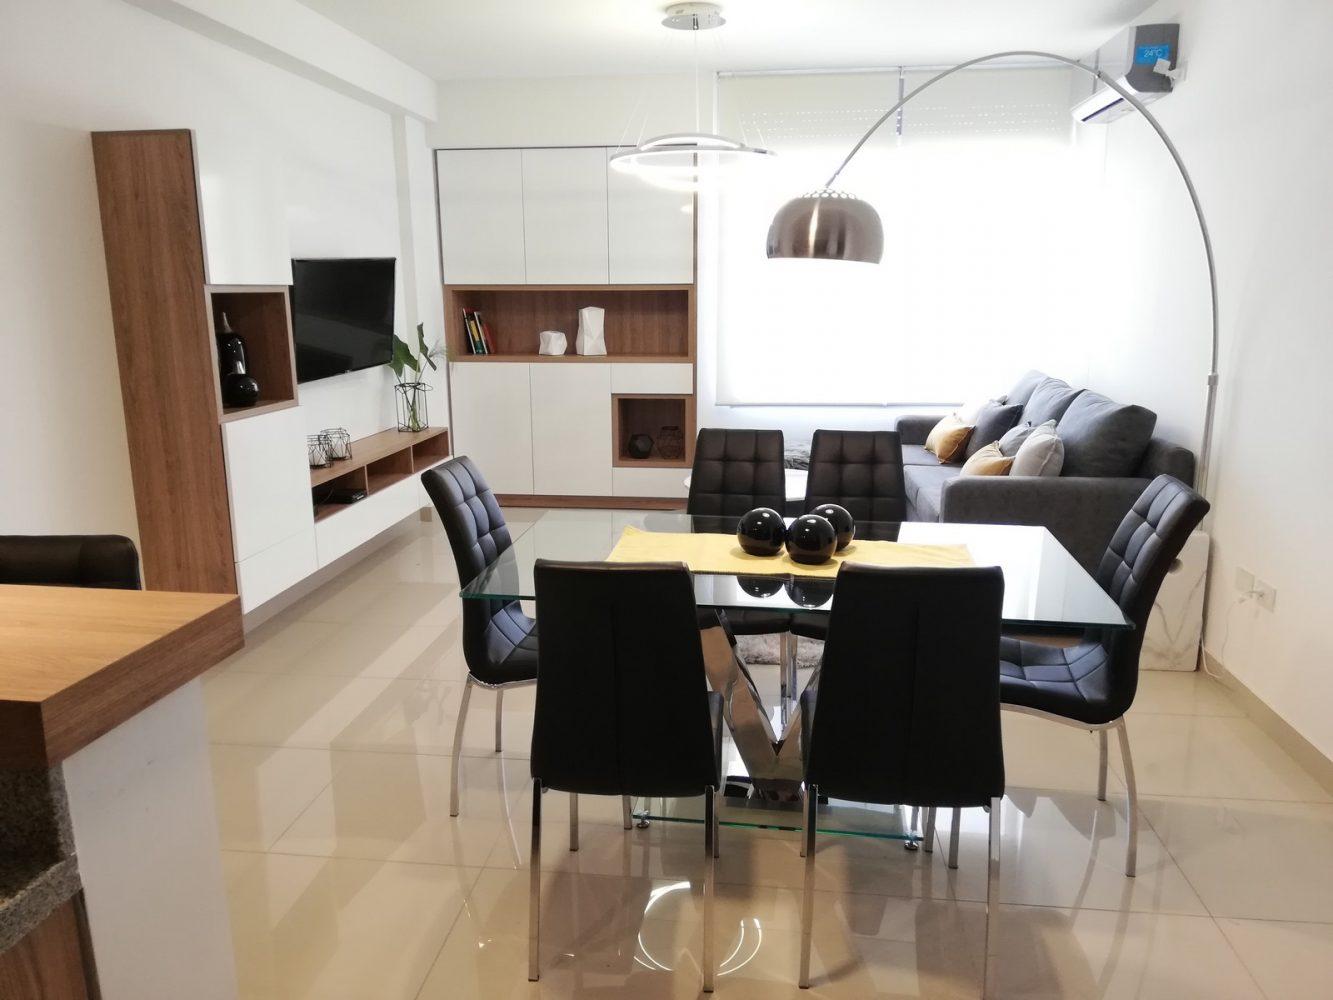 IMG_20190131_125517-Salta Tower Suite- red arquitectos (Copiar)